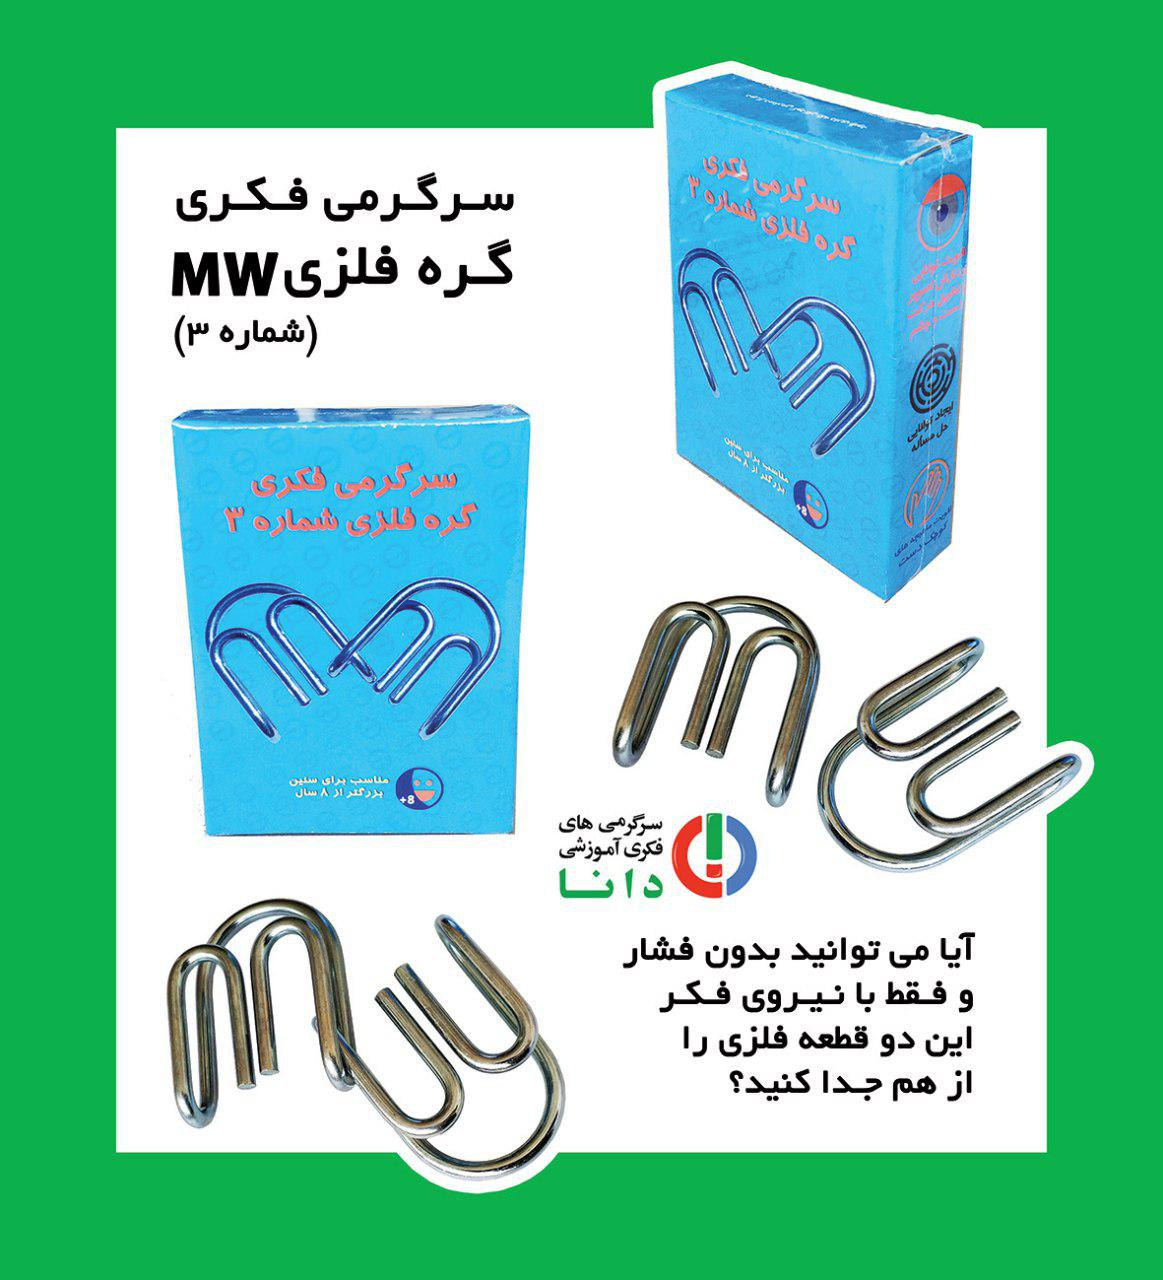 گره فلزی mw